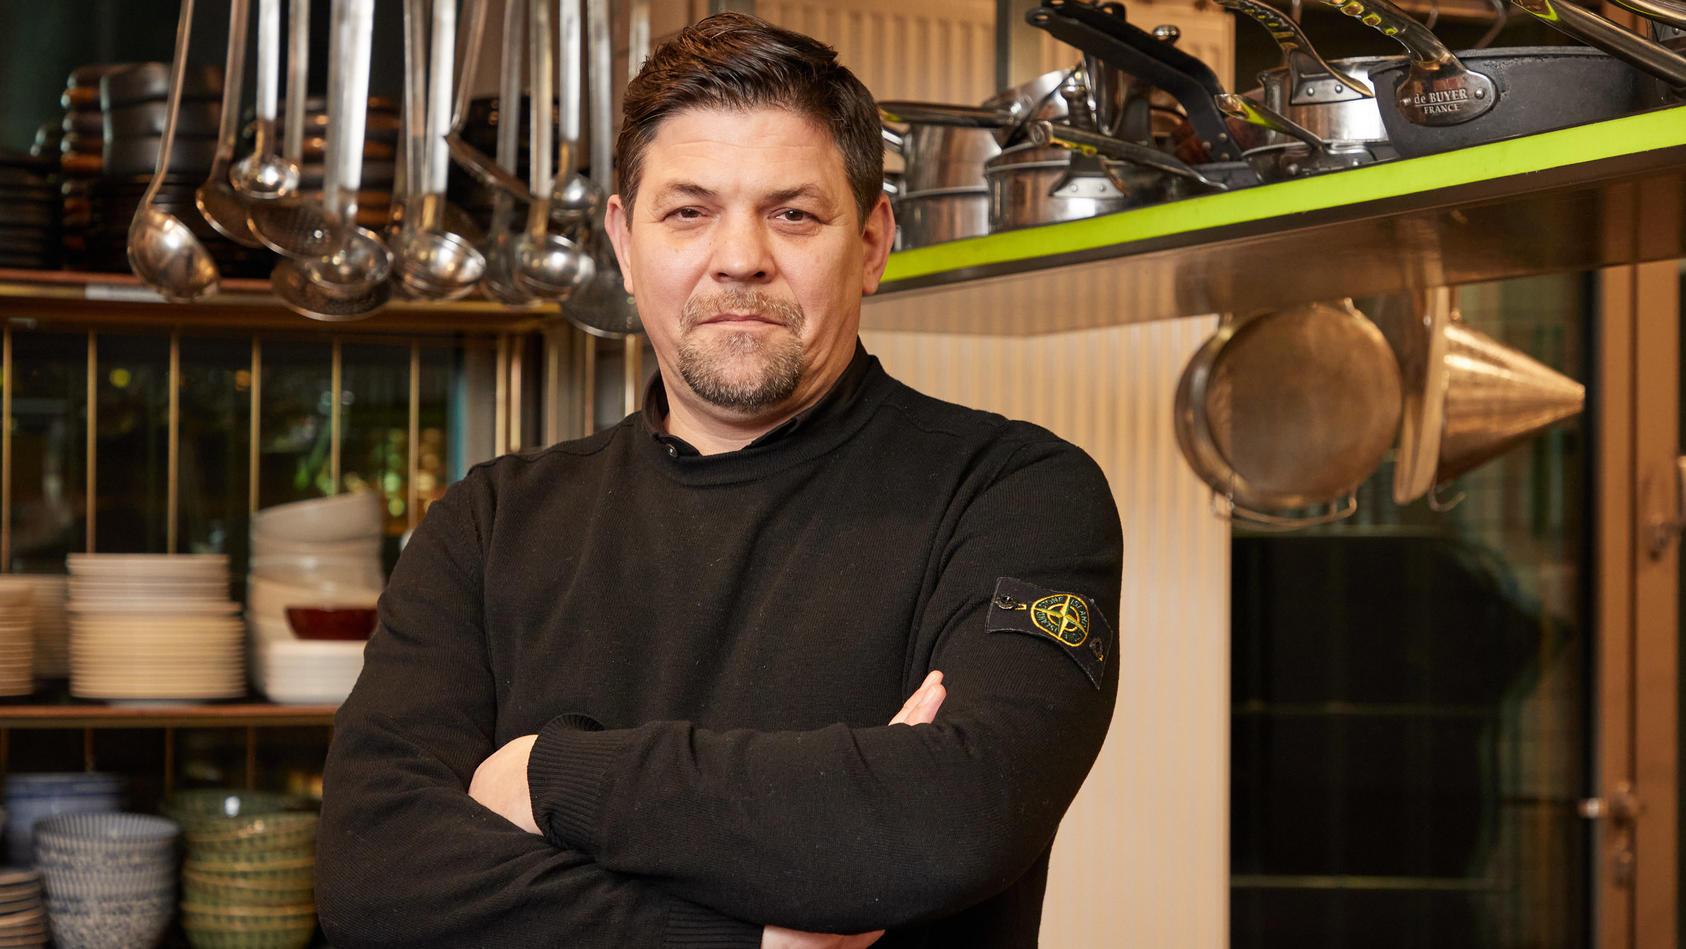 Fernsehkoch Tim Mälzer wird 50 Jahre alt.